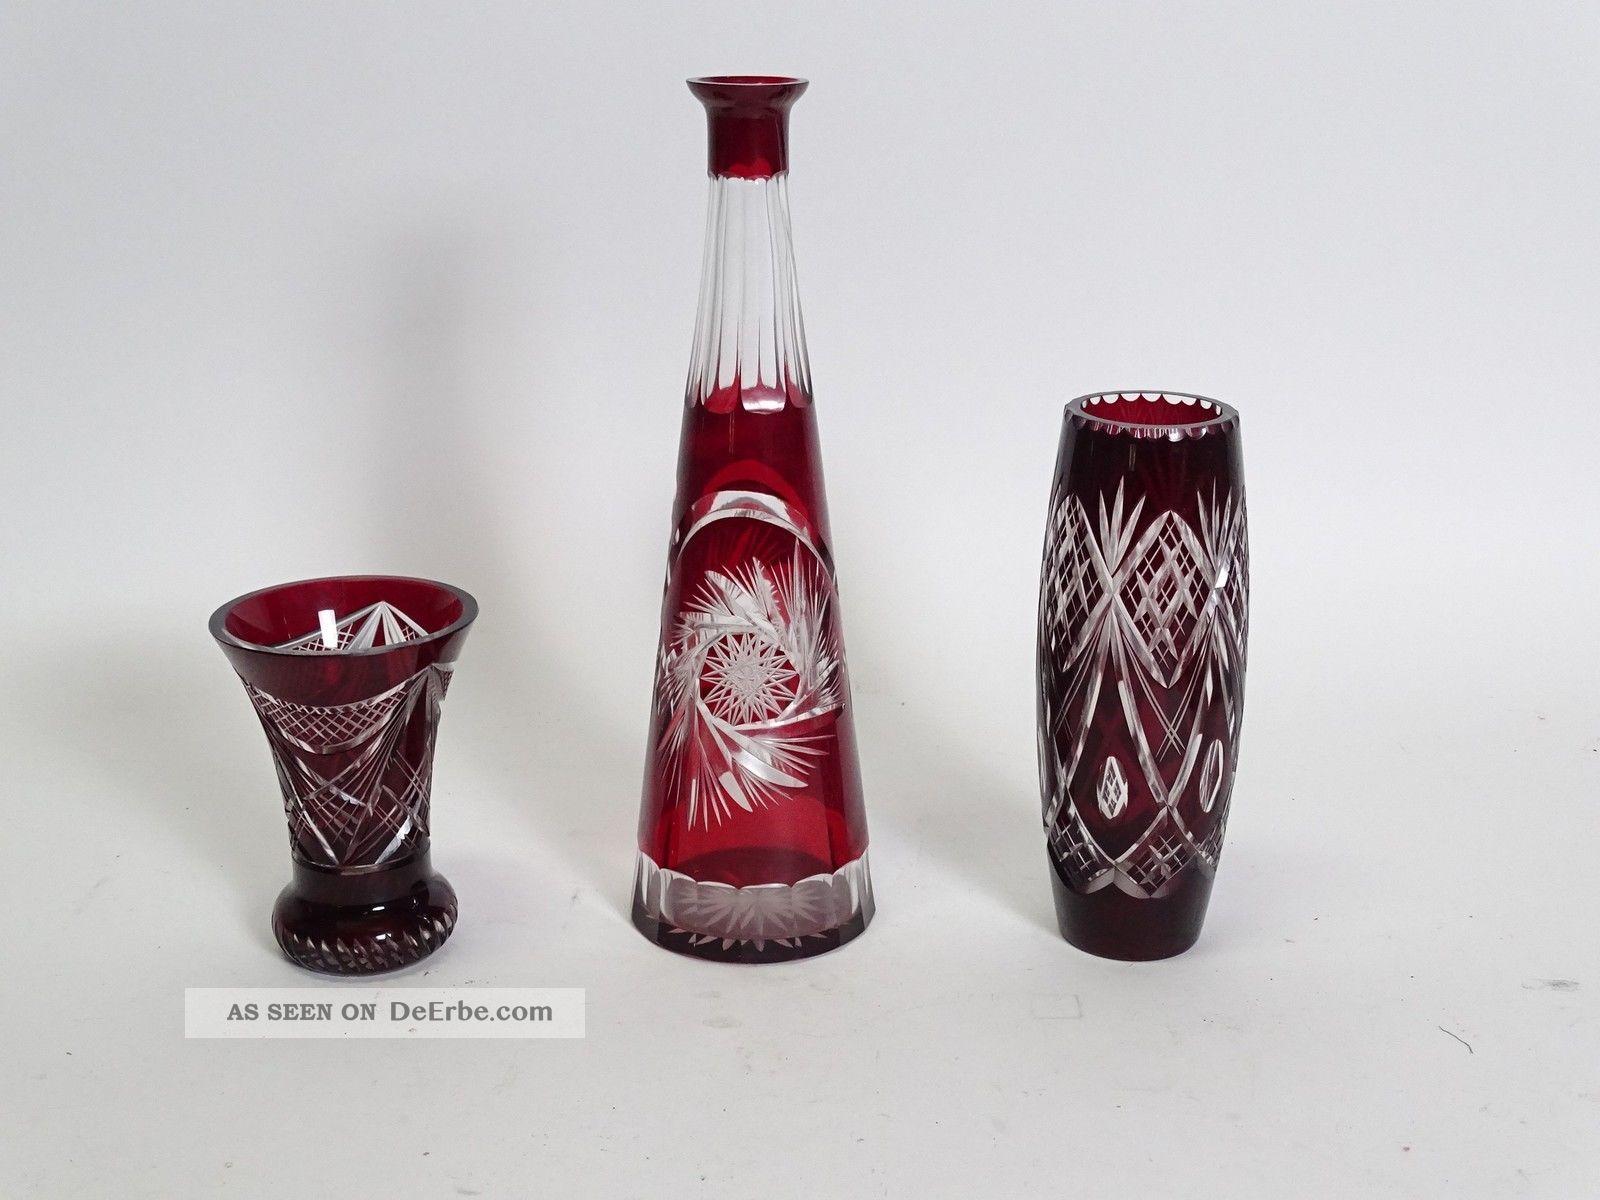 3 Teile Konvolut Böhmisches Rotes Blei Kristall Glas Überfang Herrlicher Schliff Kristall Bild